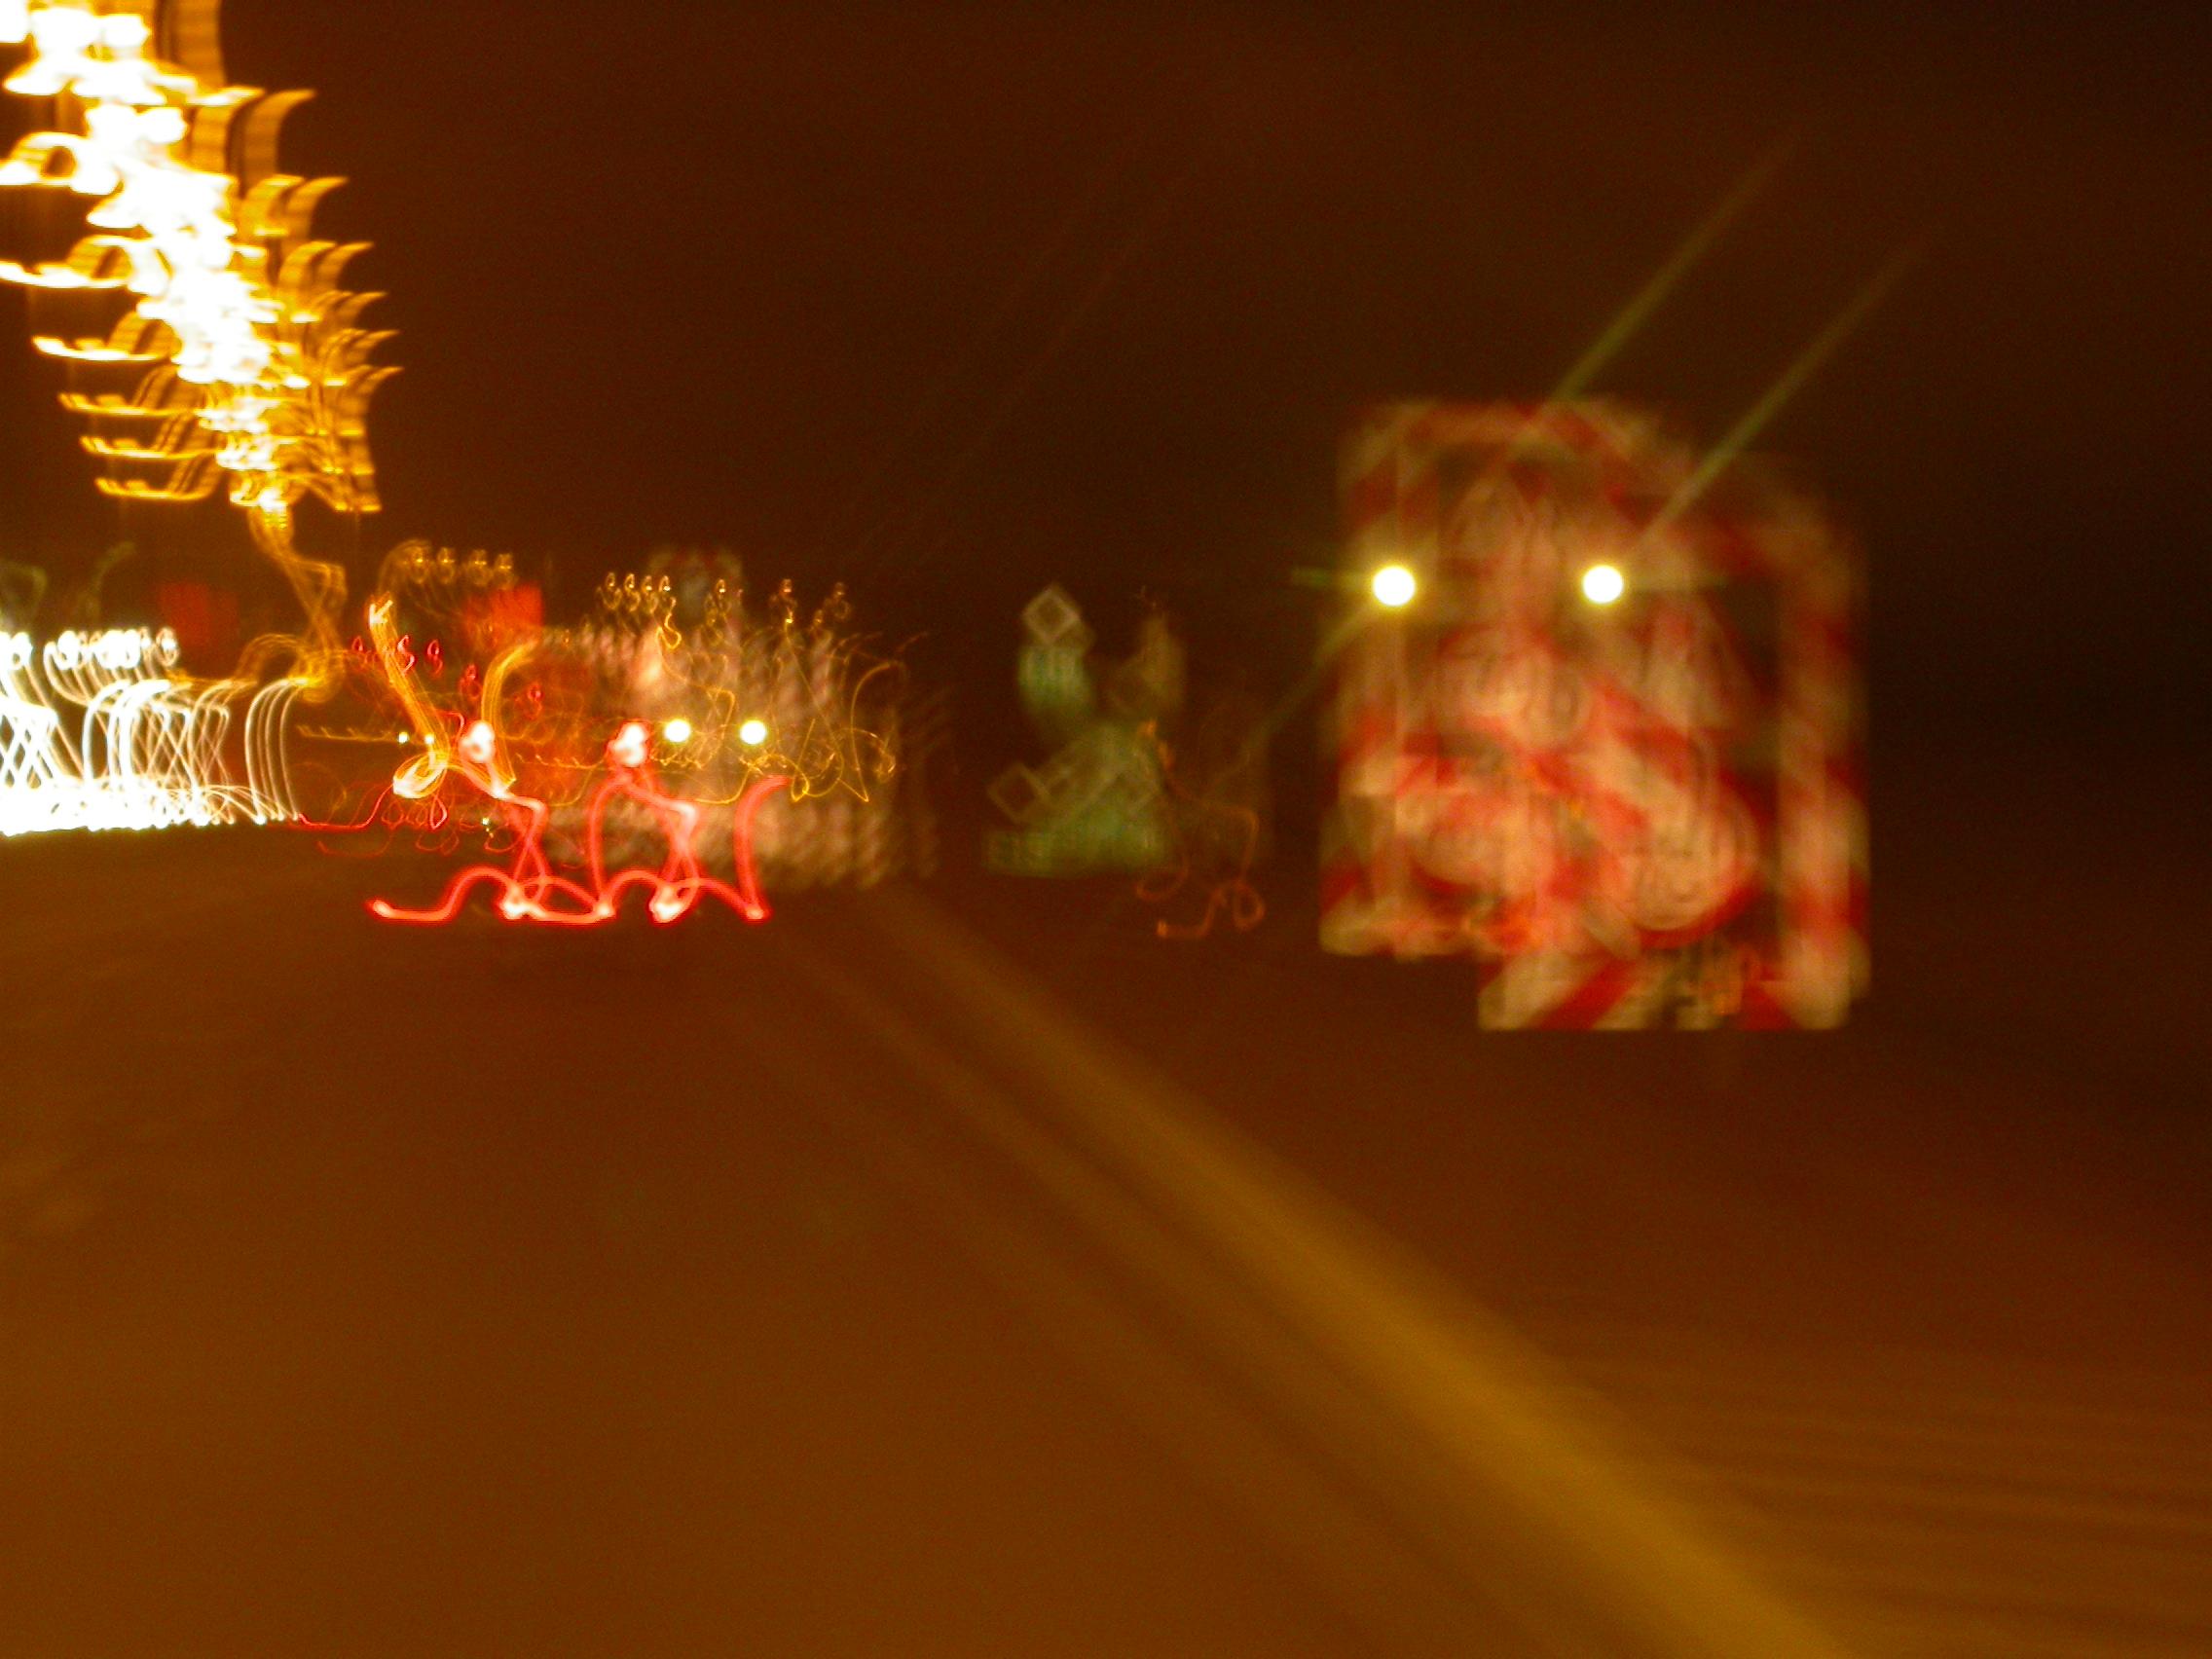 paul road night lights blur blurred signs